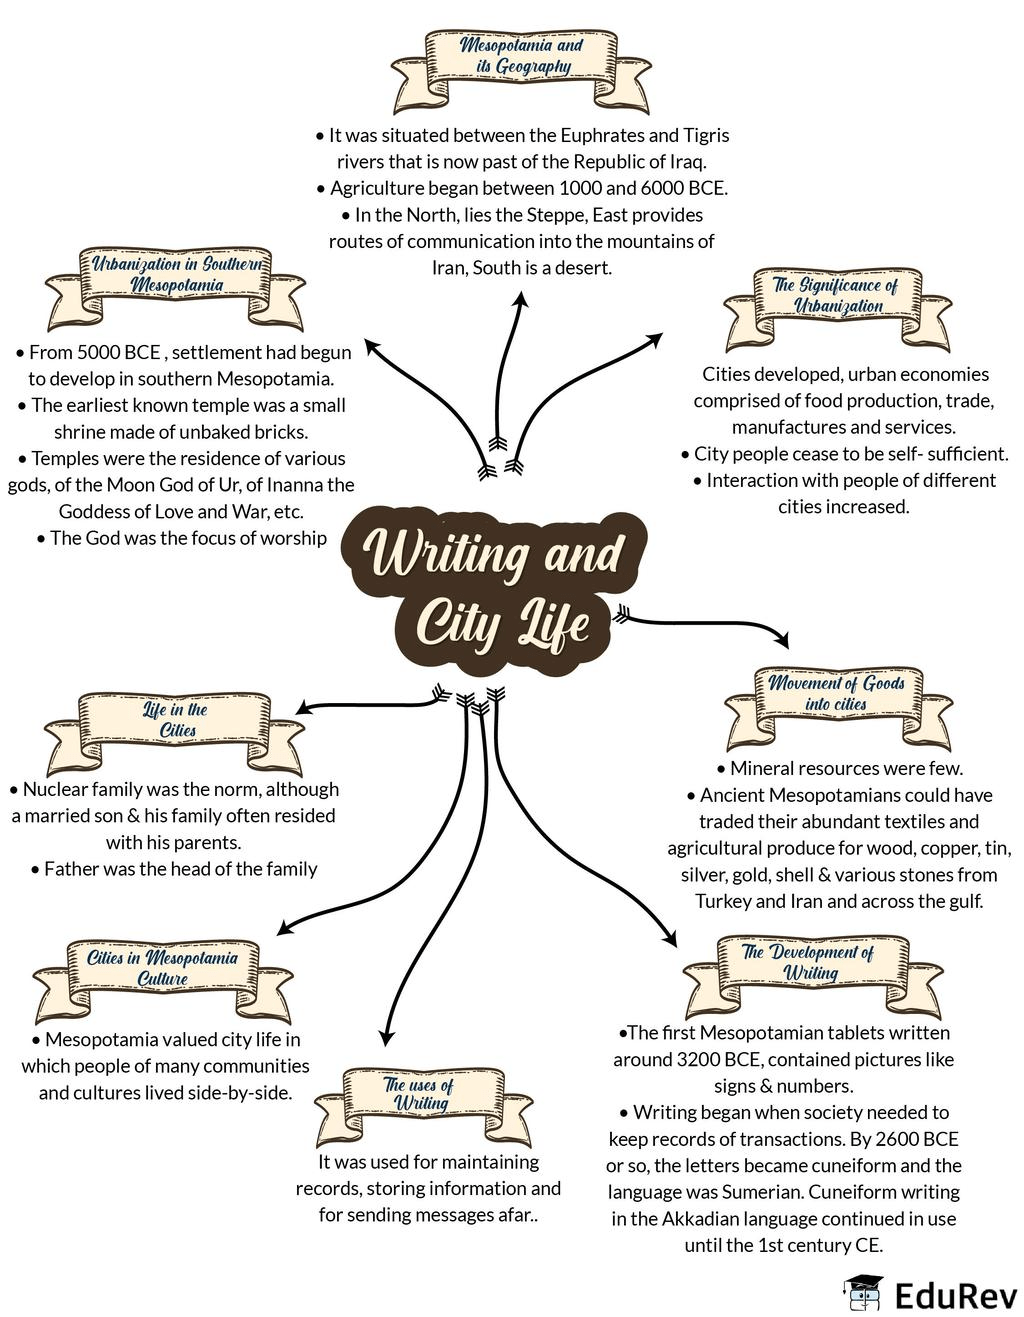 एन सी आर टी सार : द अर्ली सोसाइटीज़ (थीम 2: लेखन और शहर का जीवन) UPSC Notes   EduRev